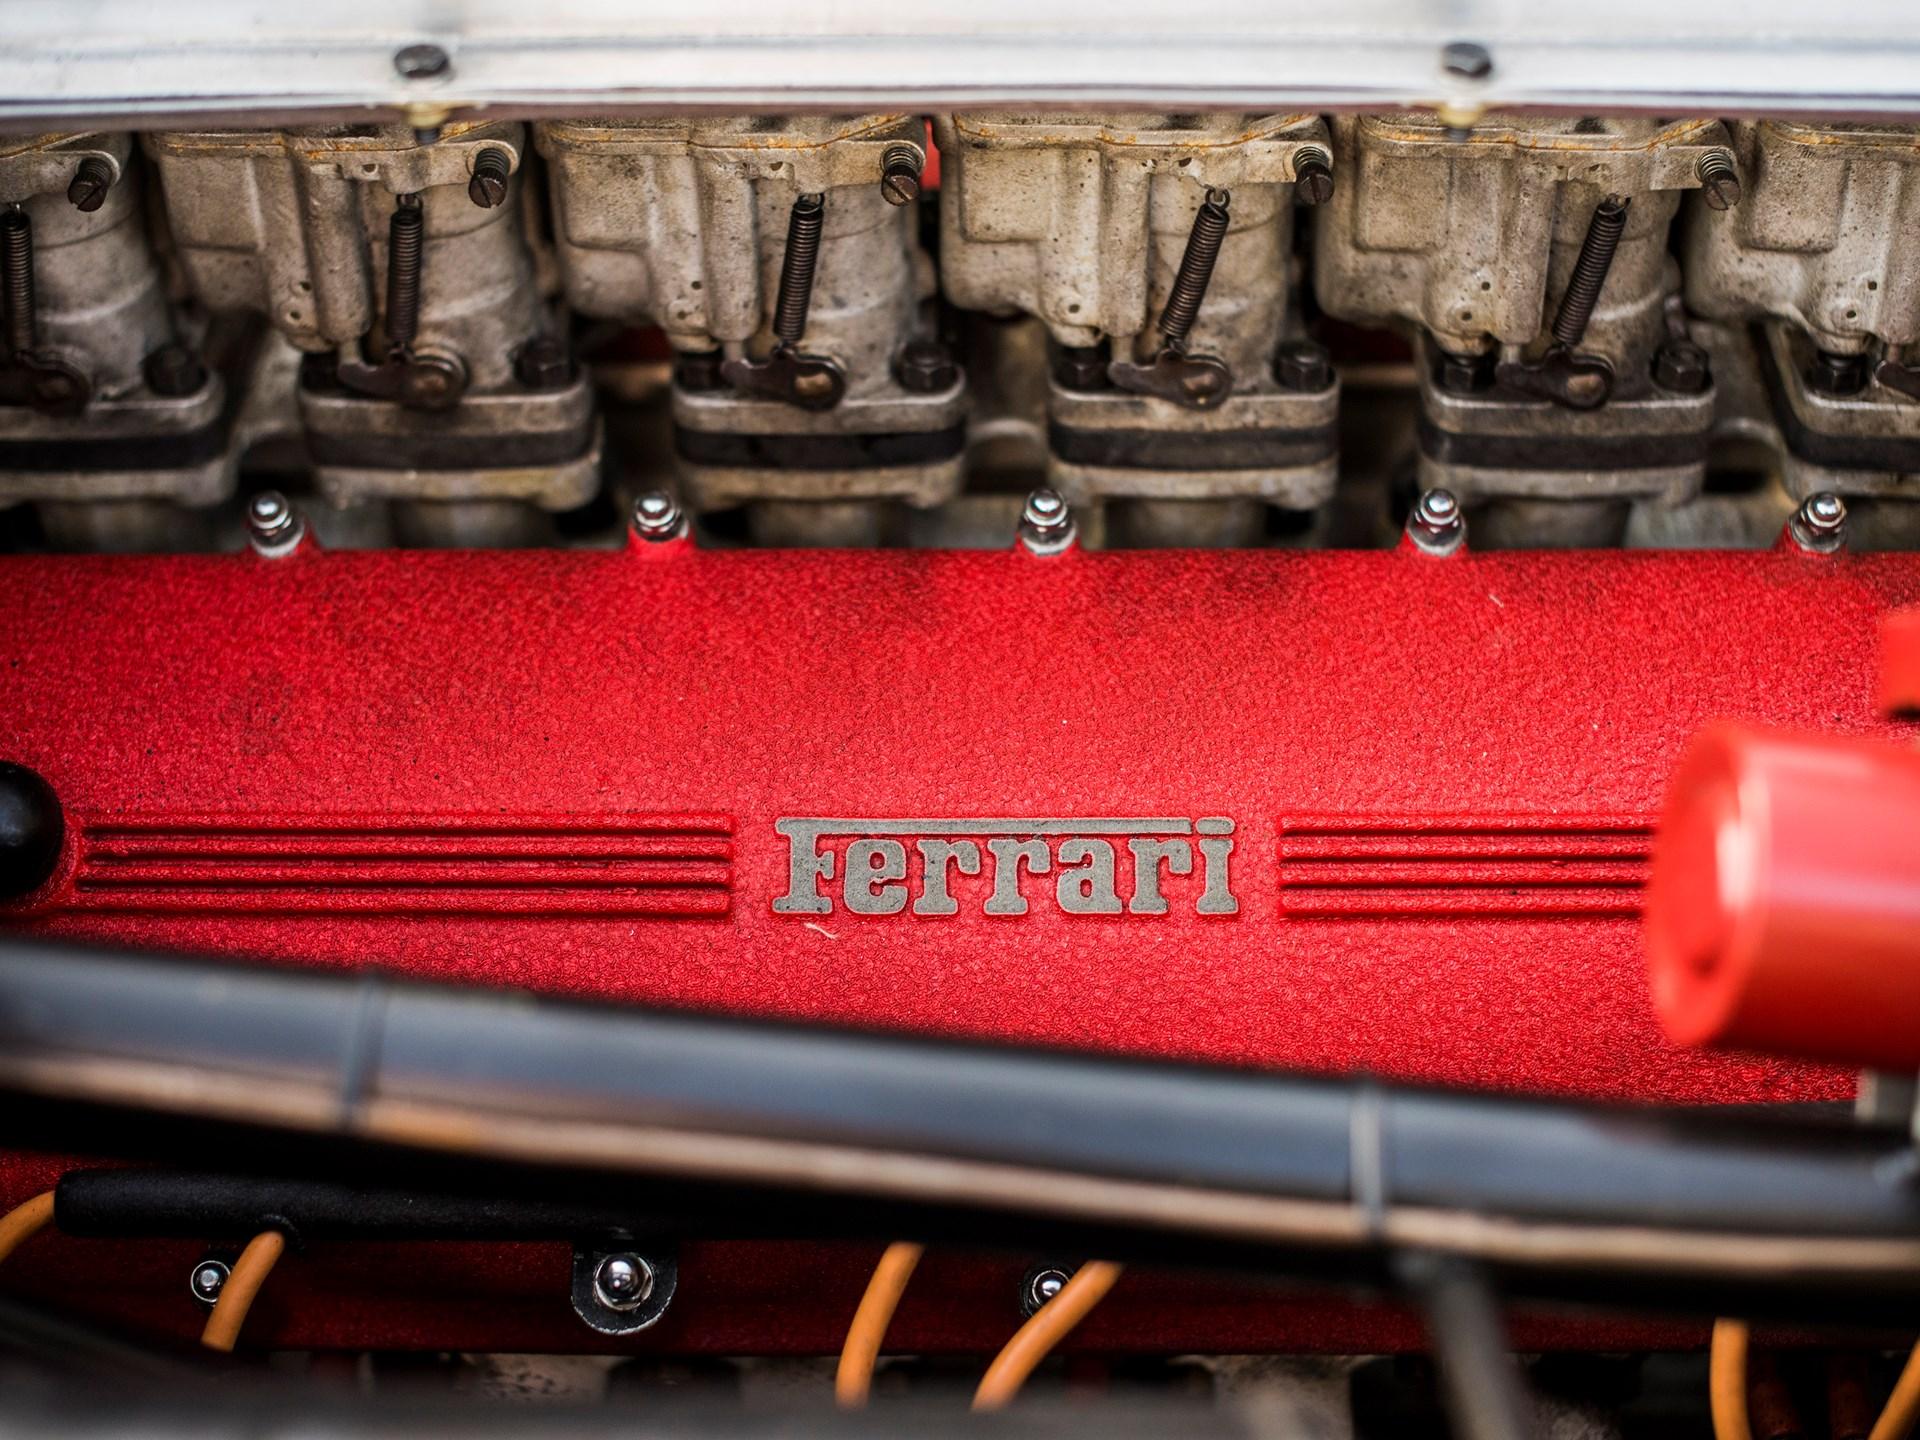 1963 Ferrari 275P valve covers